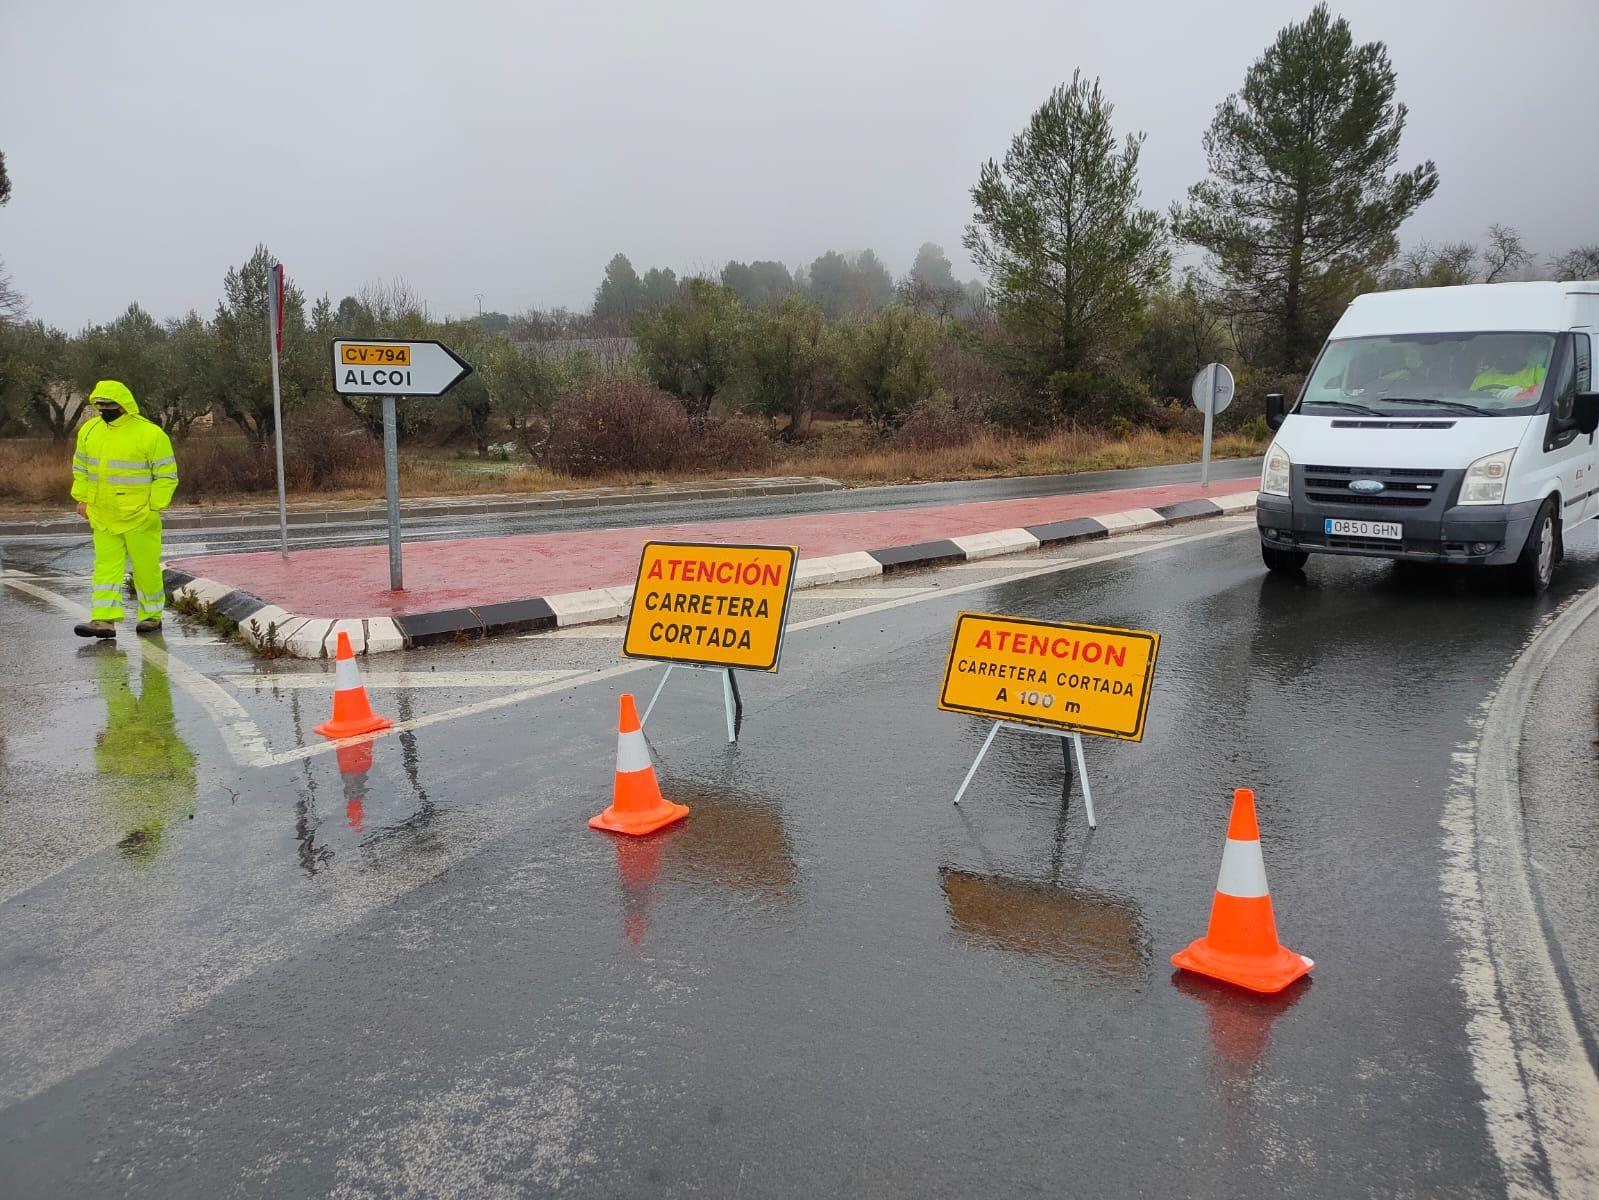 Carreteras cortadas por la nieve en la Comunitat Valenciana